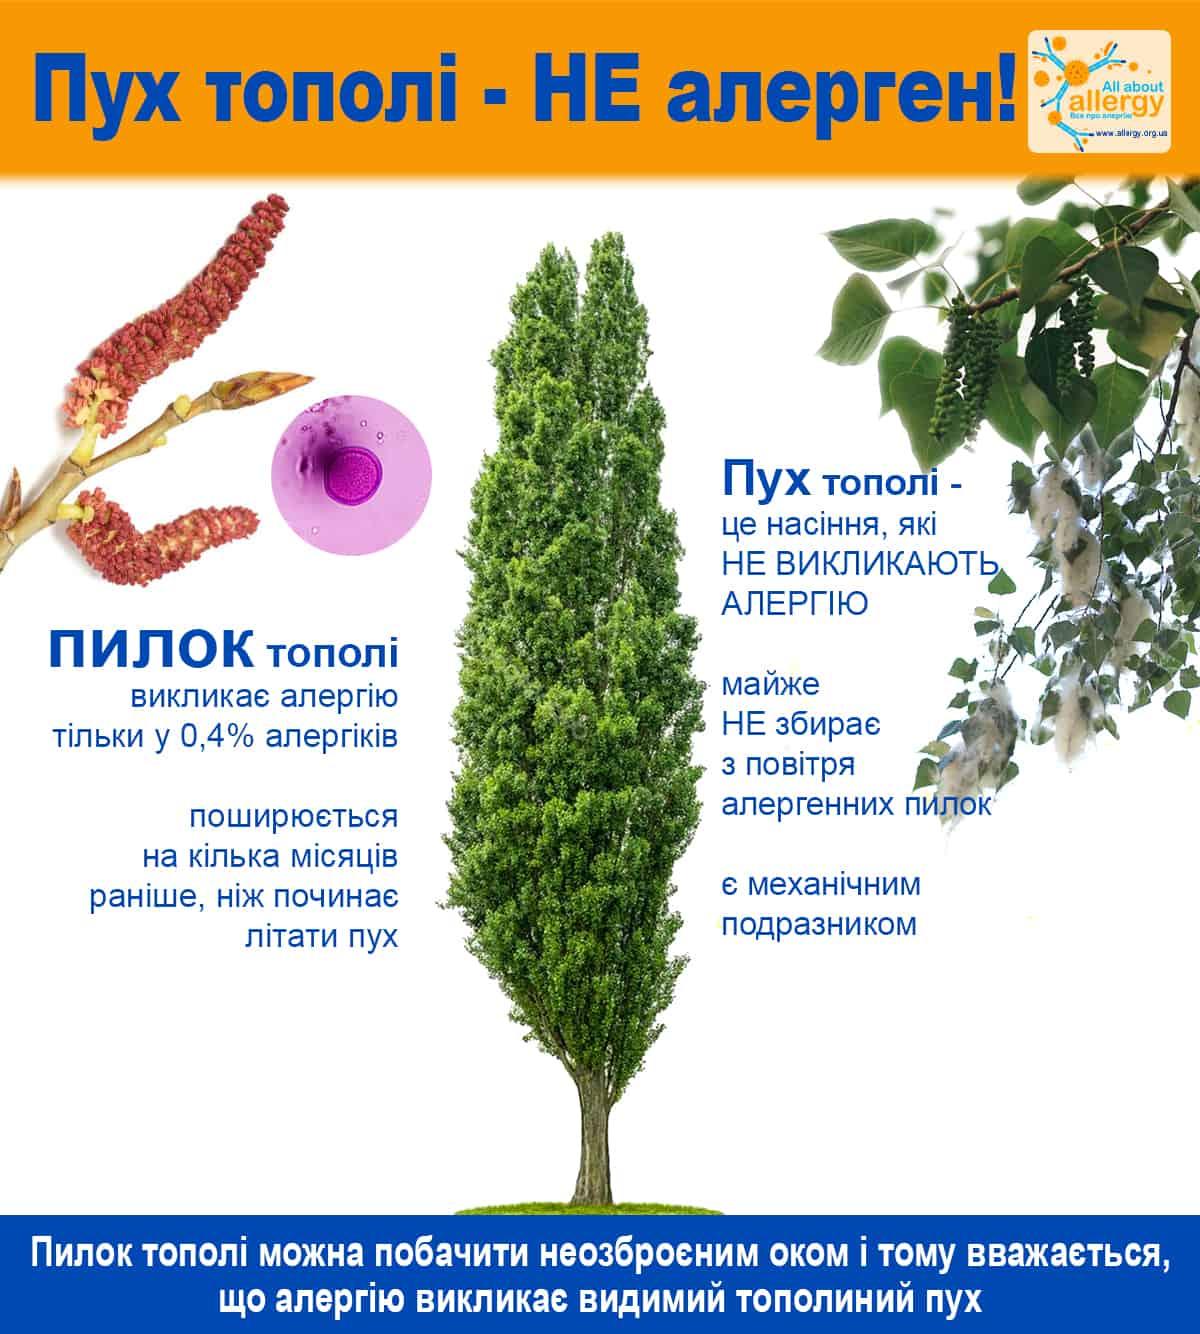 Міфи про алергію. Тополиний пух